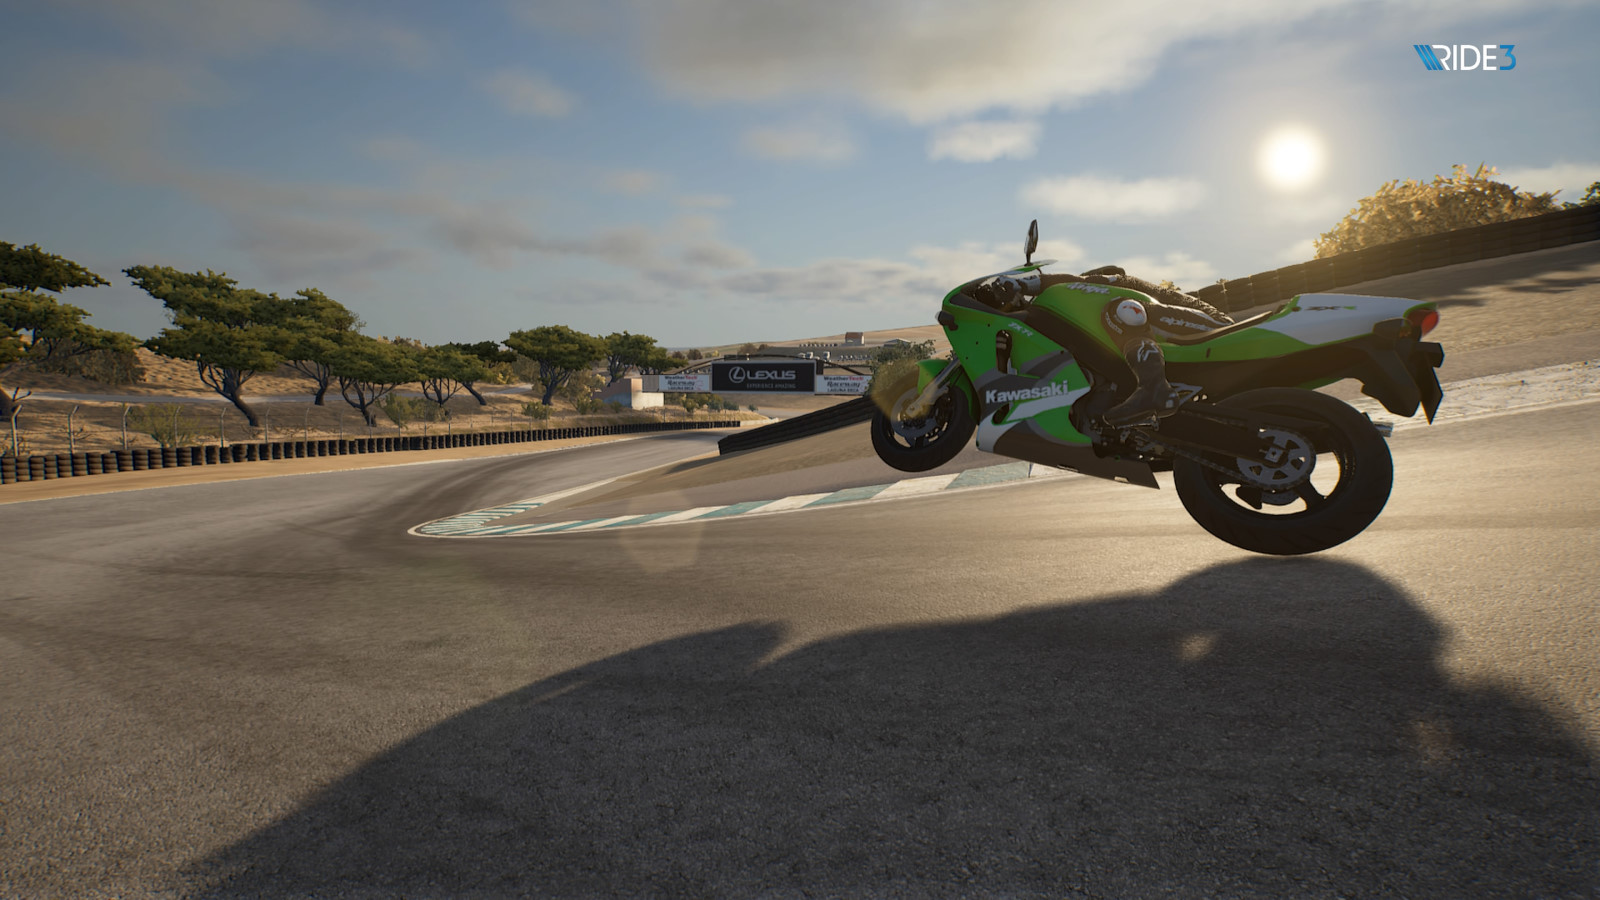 Ride3 Multi Test 007